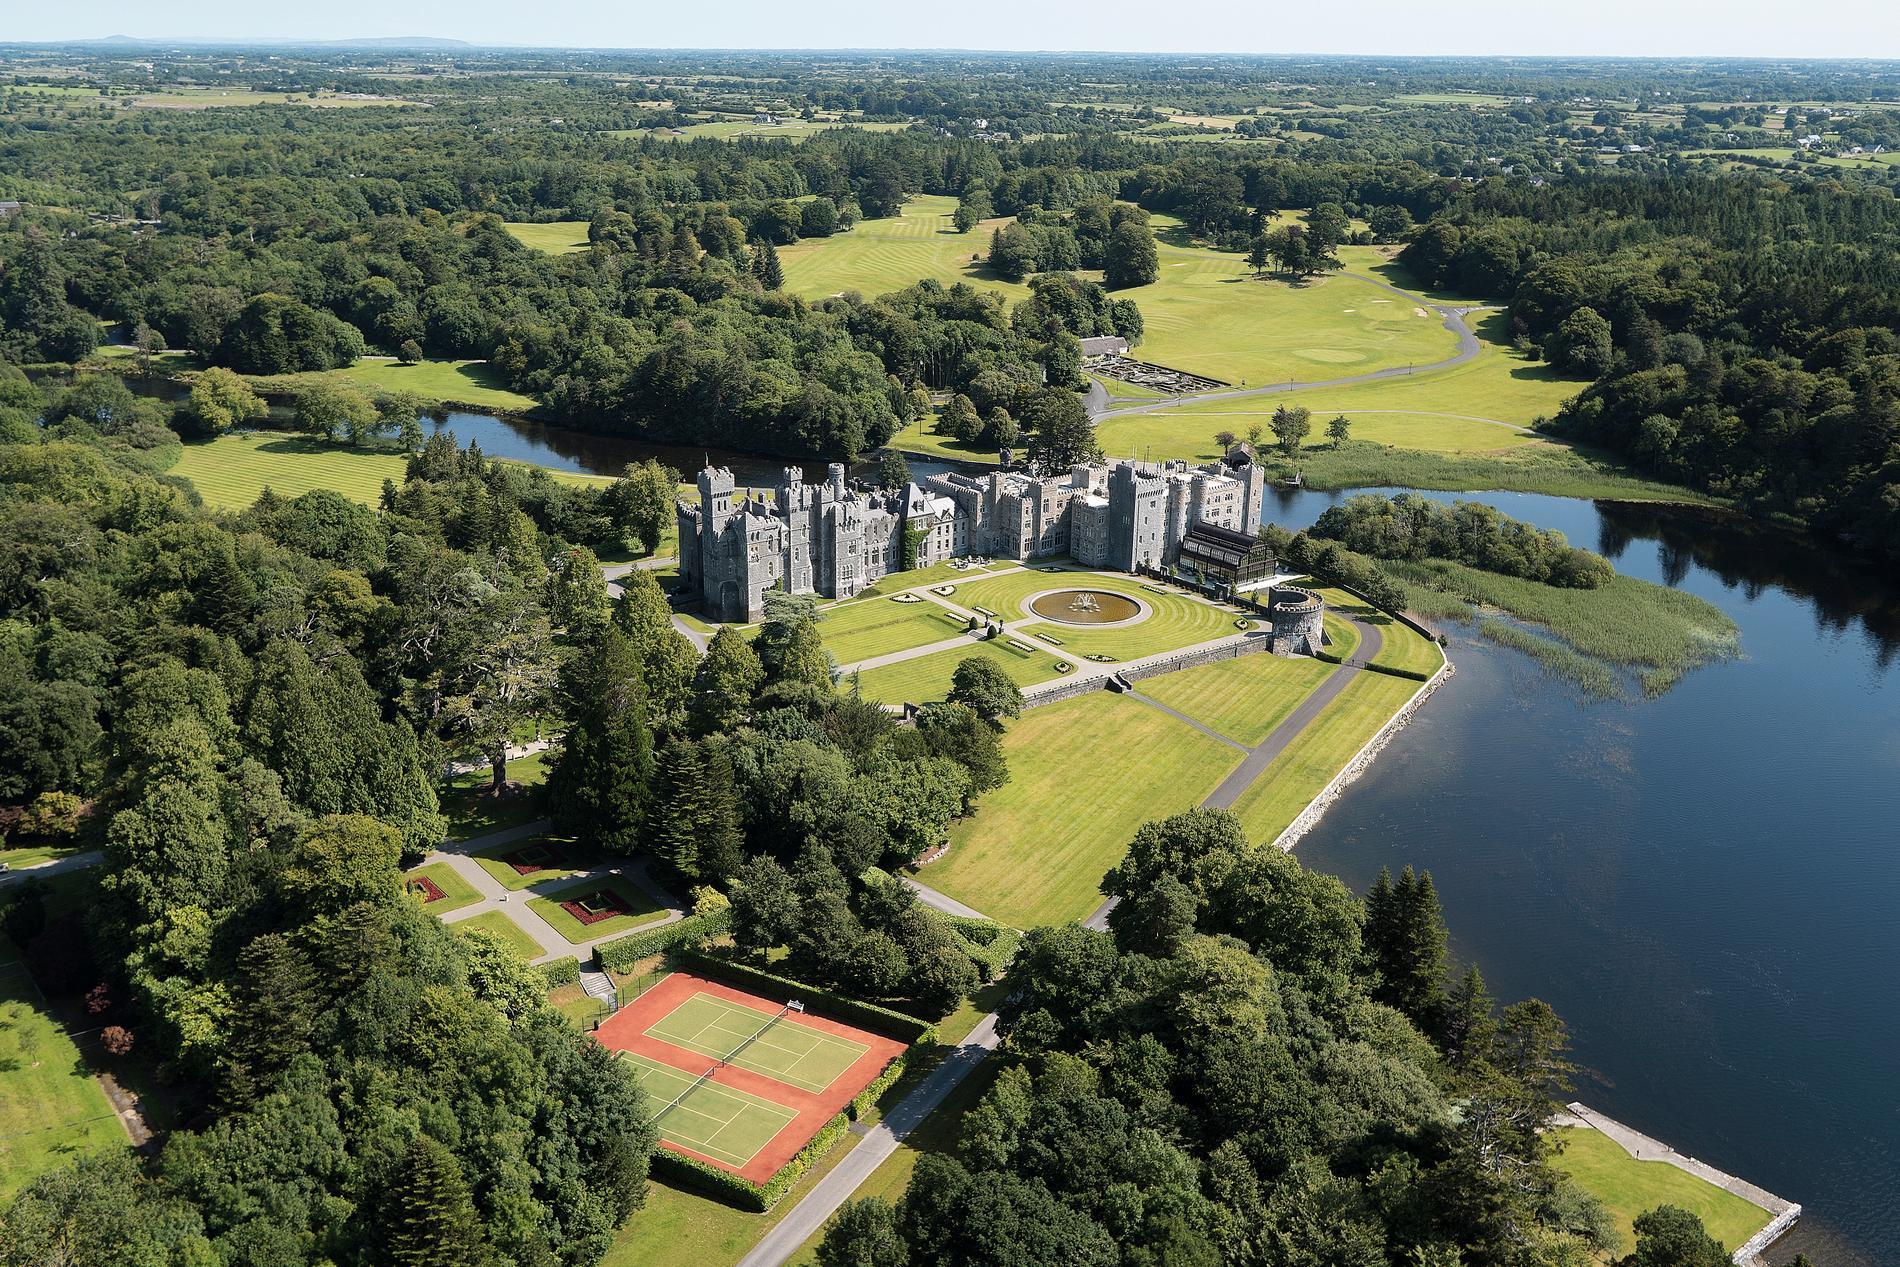 Slottet från år 1228 är numera ett lyxhotell med allt från spa till tjusiga salonger vid Irlands norra kust i County Mayo.